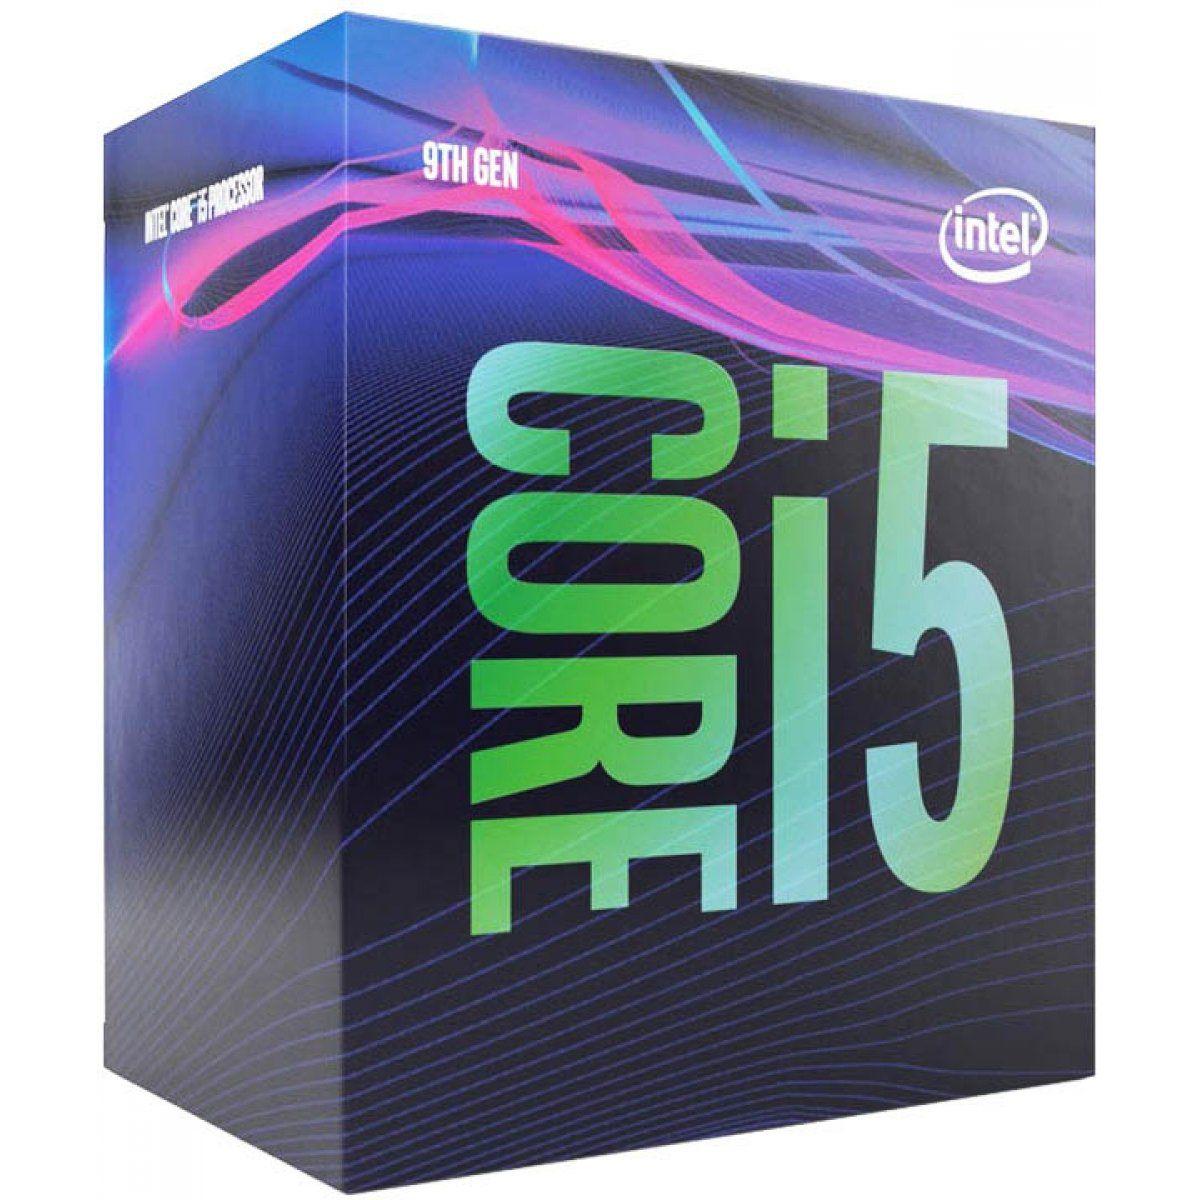 Processador LGA 1151 i5 9400 2.90Ghz 9MB BX80684i59400 BOX (Video Integrado)- Intel